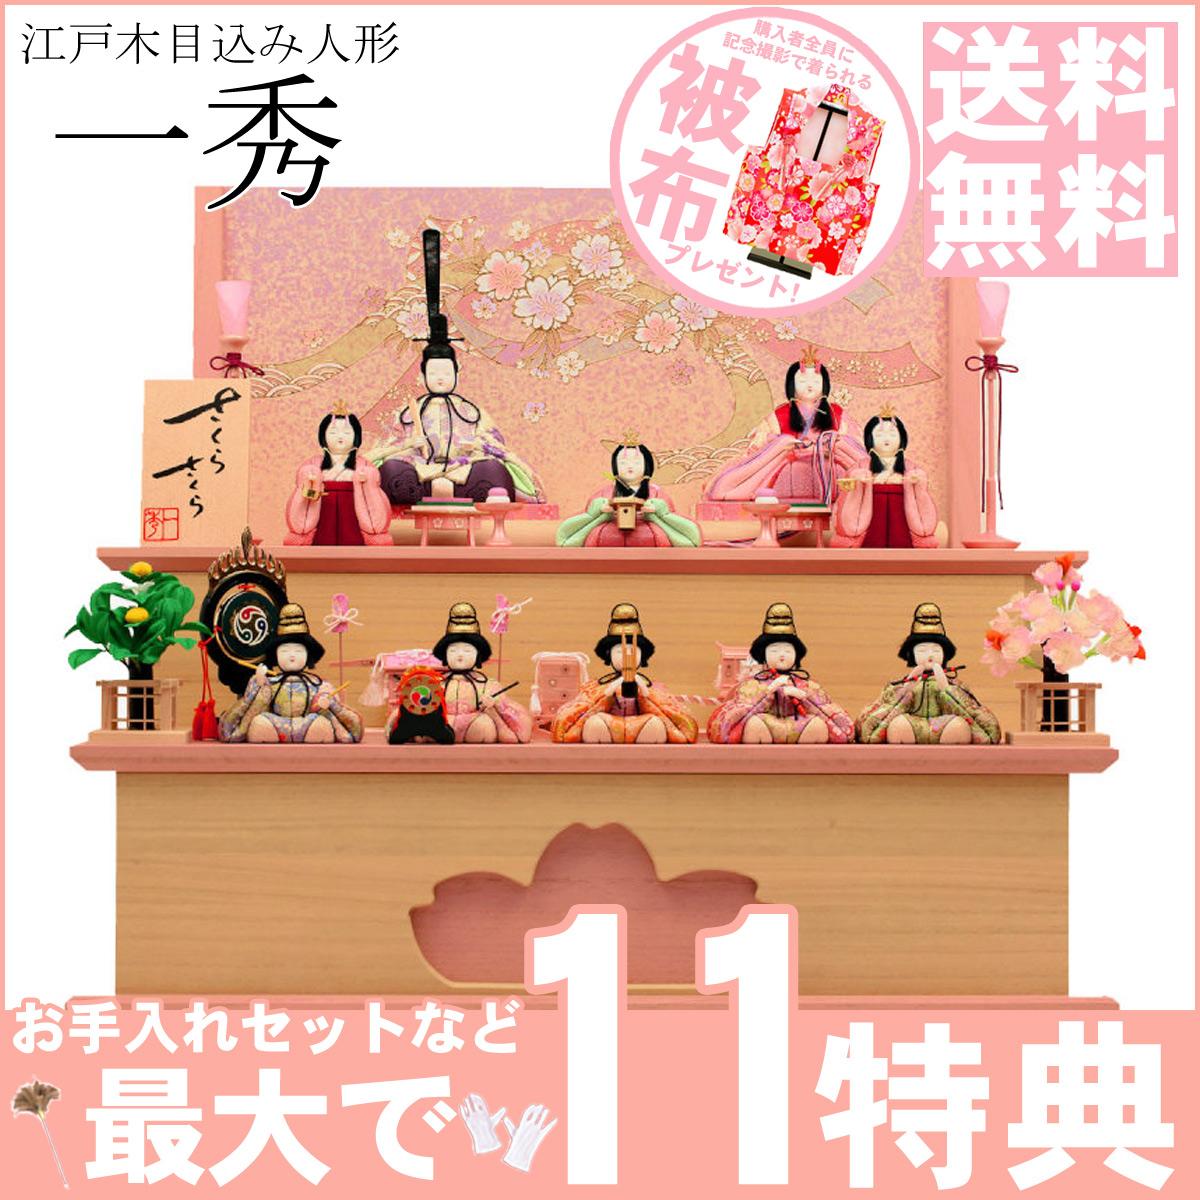 雛人形 ひな人形 ひな祭り 木目込み人形 木目込み 一秀 初節句 「一秀作 収納飾り 二段桐収納セット 十人飾り さくらさくらシリーズ(桐収納)」 人形広場